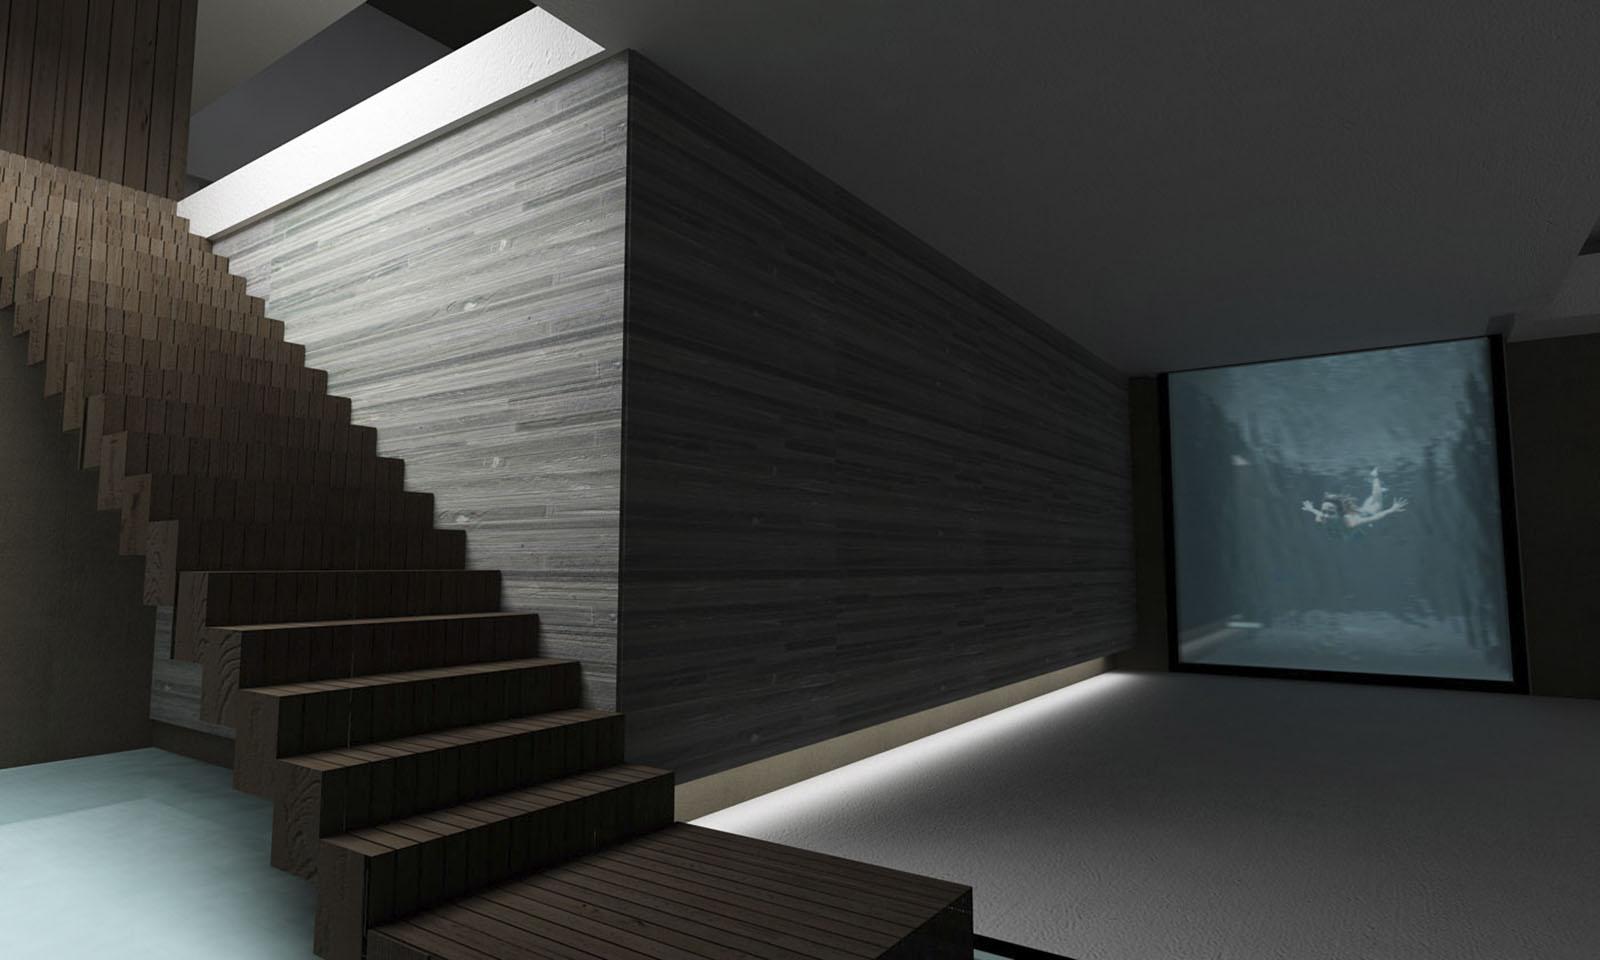 piletas interiores, pantallas de agua en casas, sótanos modernos